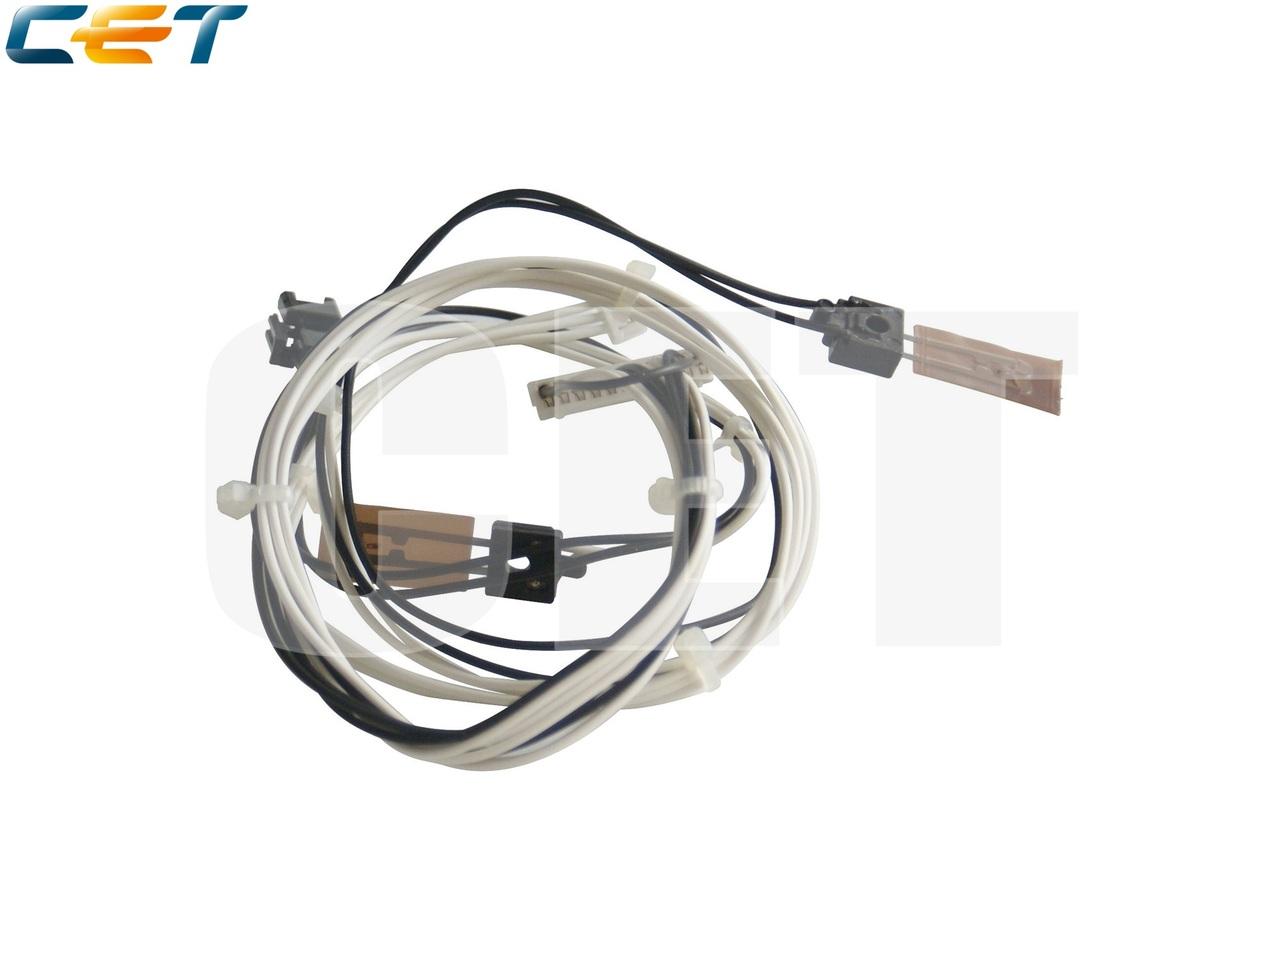 Термистор 442051950, 6LA70830000 для TOSHIBA E-Studio358/458/DP2800/DP3500/DP4500 (CET), CET4500